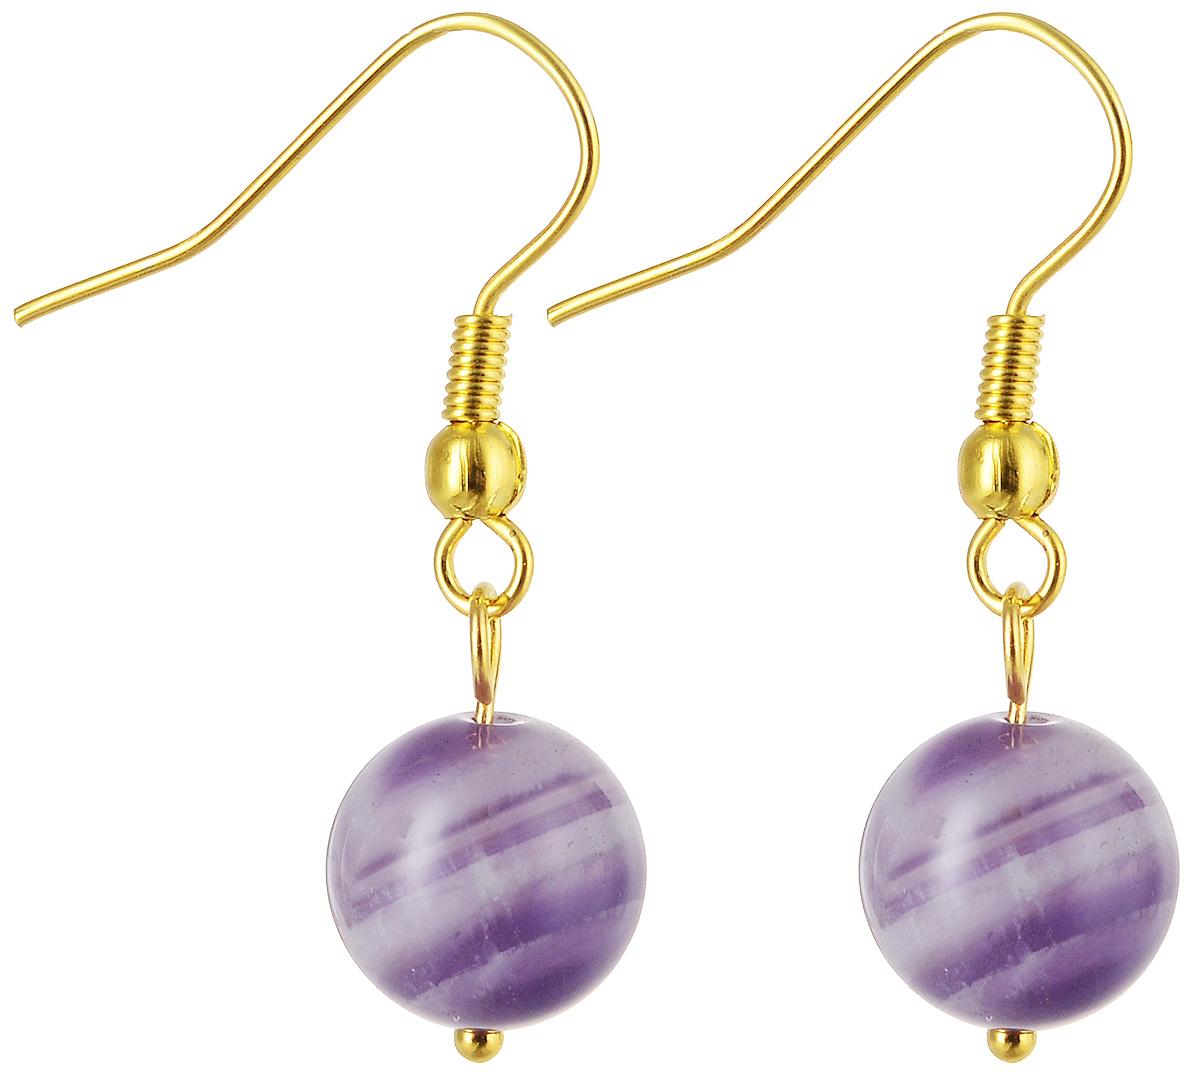 Серьги Револю Классика, цвет: фиолетовый. с3324с3324Материал: аметист. Длина подвески: 1,2 см. Размер камня: 1,2 см. Серьги с аметистом Классика - одно из самых недорогих и доступных украшений с этим прекрасным камнем! Если вы ещё не знакомы с обворожительным аметистом, вы можете начать знакомство именно с этой простой, но прелестной модели! Несмотря на совершенную простоту, серьги Классика довольно яркие и эффектные. Они украшены маленькими бусинами-подвесками, выточенными из поделочного аметиста. Этот полупрозрачный камень имеет неяркий тёмно-фиолетовый оттенок, и по его загадочно-тёмному ф